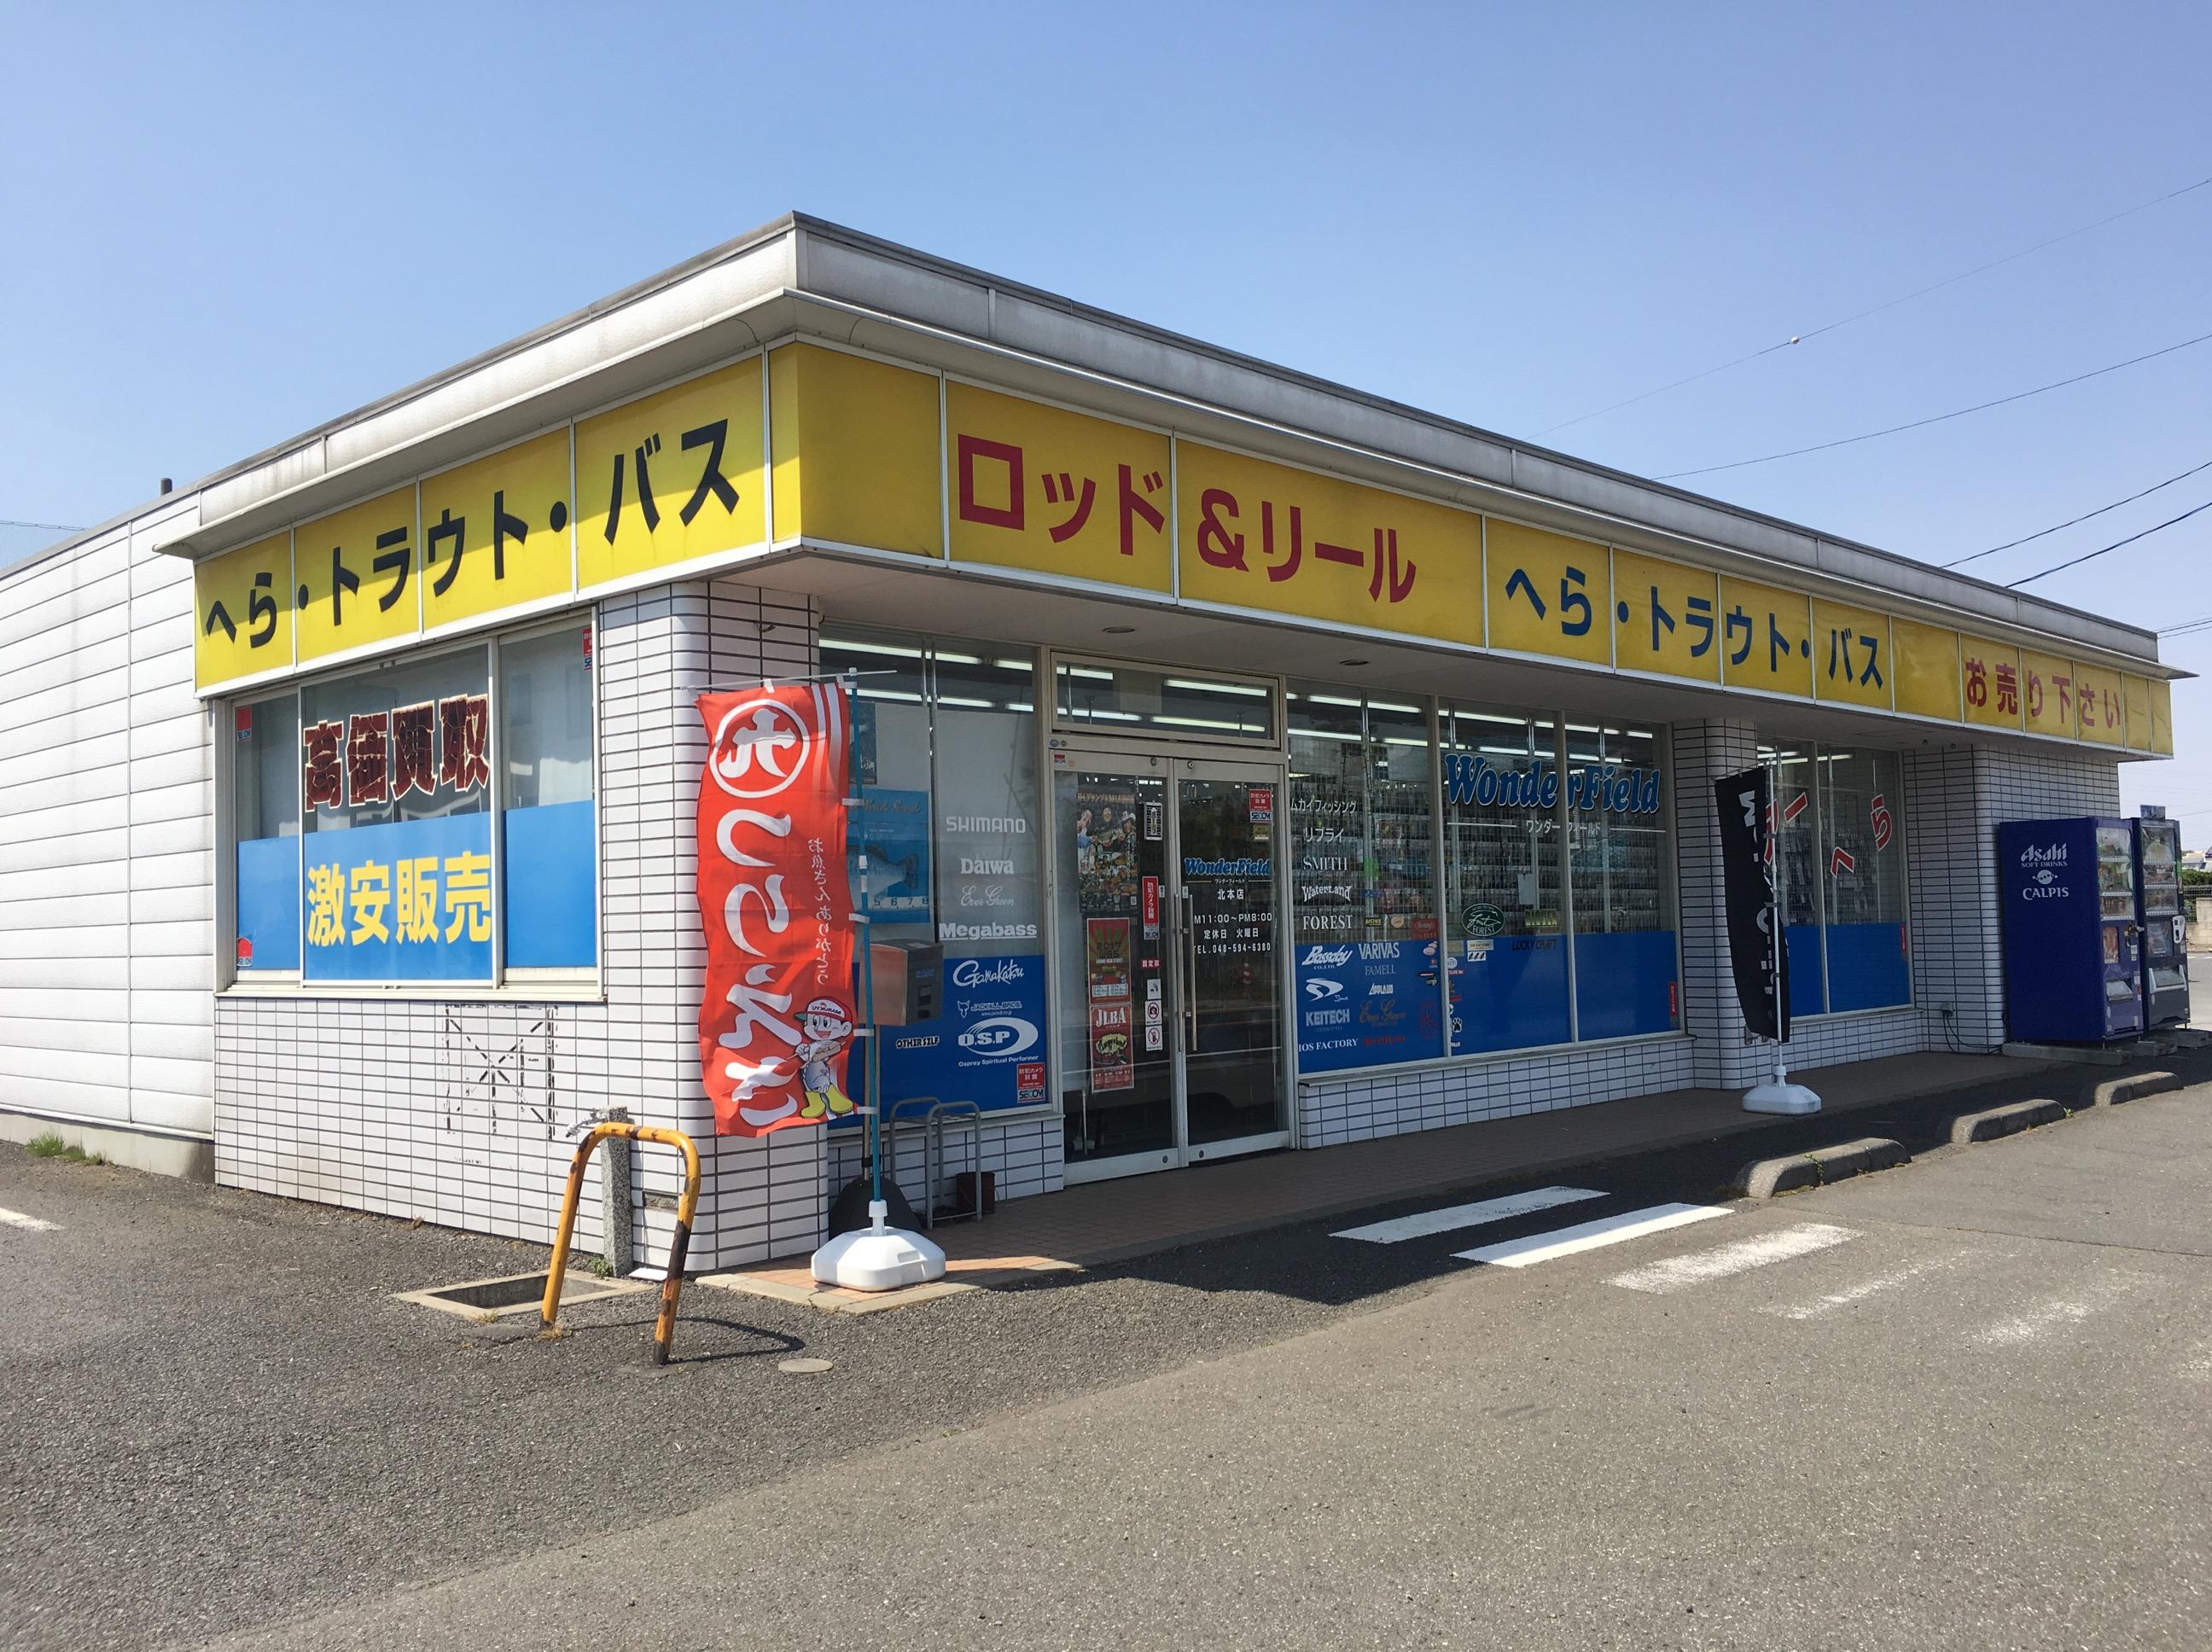 【埼玉県】中古釣具・新品釣り用品店 一覧!釣りえさ・ルアー・ワームの購入に!